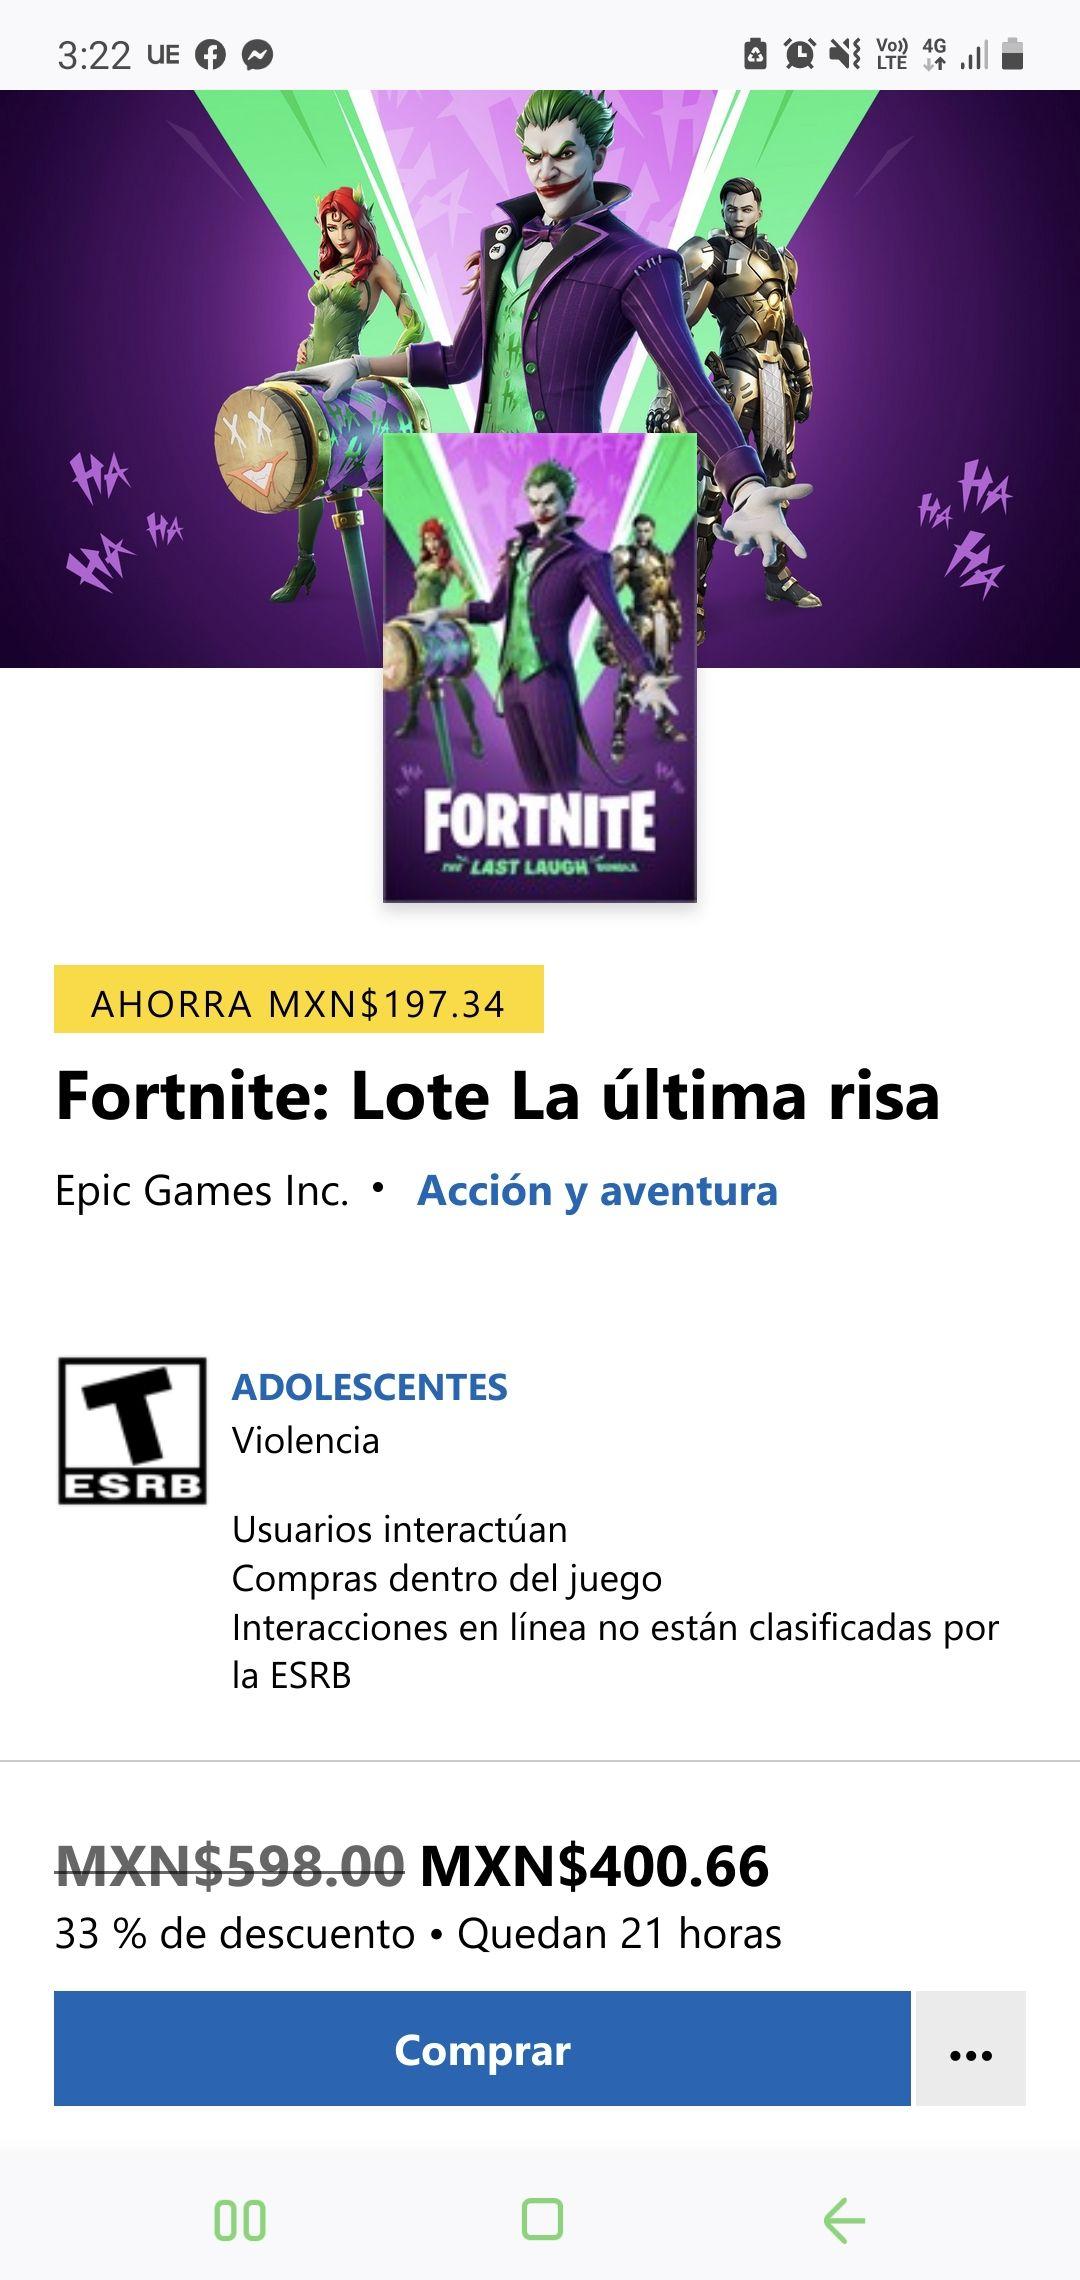 Xbox: Fortnite: Lote La última risa